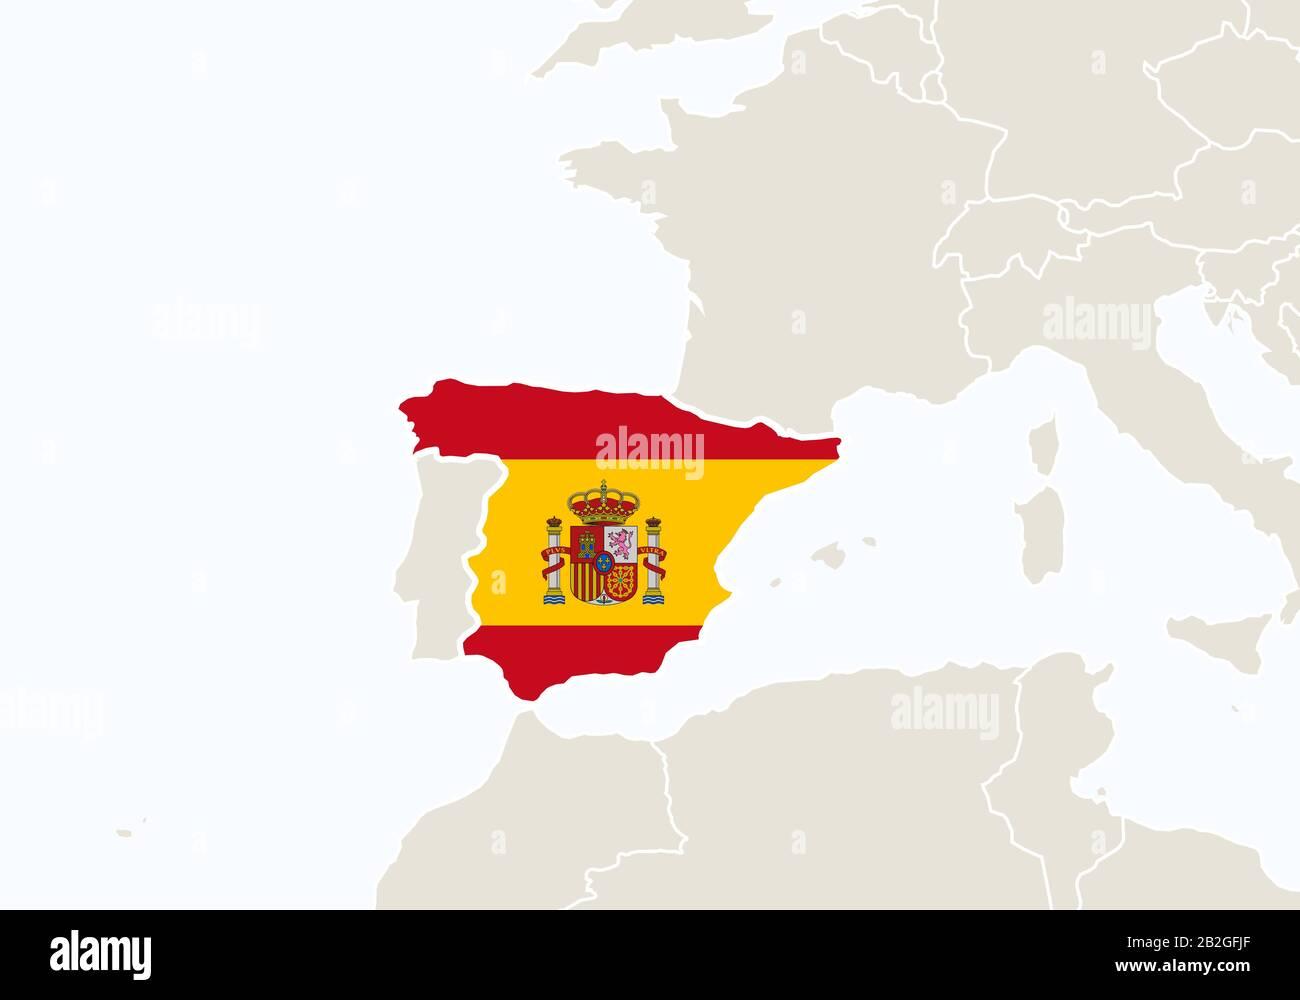 Cartina Della Spagna Geografica.Europa Con Mappa Della Spagna Evidenziata Illustrazione Vettoriale Immagine E Vettoriale Alamy